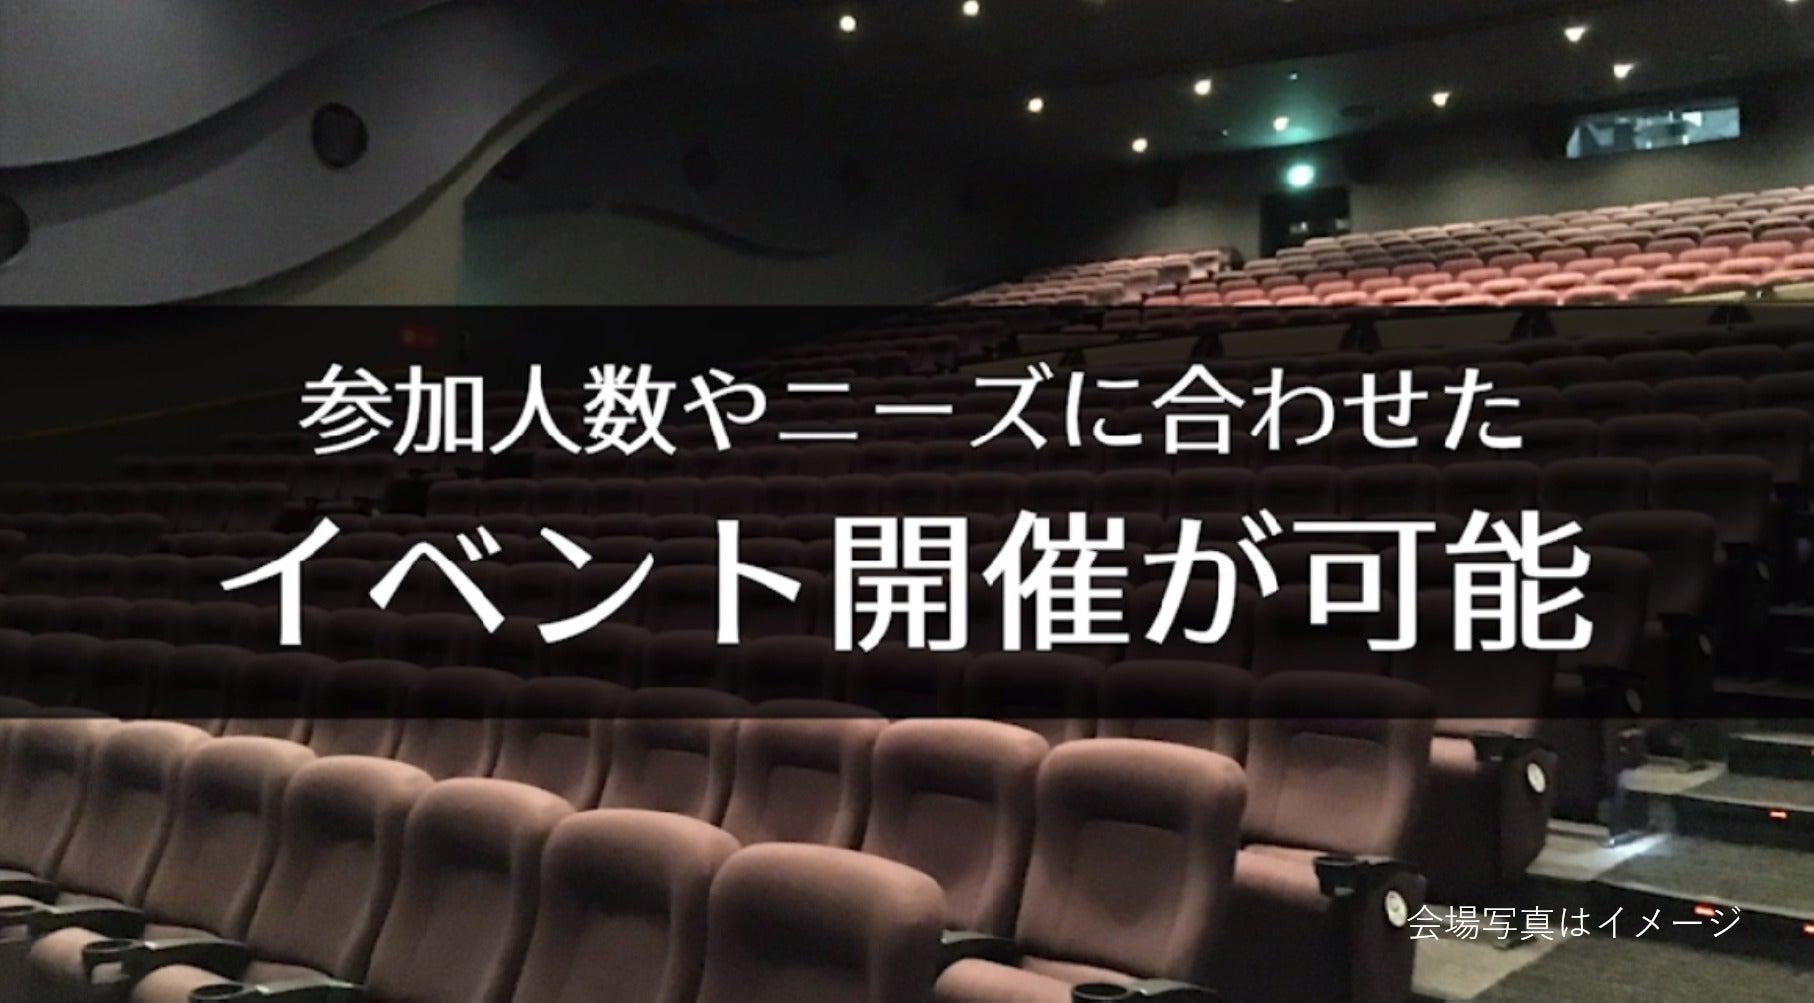 【新潟 120席】映画館で、会社説明会、株主総会、講演会の企画はいかがですか?(ユナイテッド・シネマ新潟) の写真0